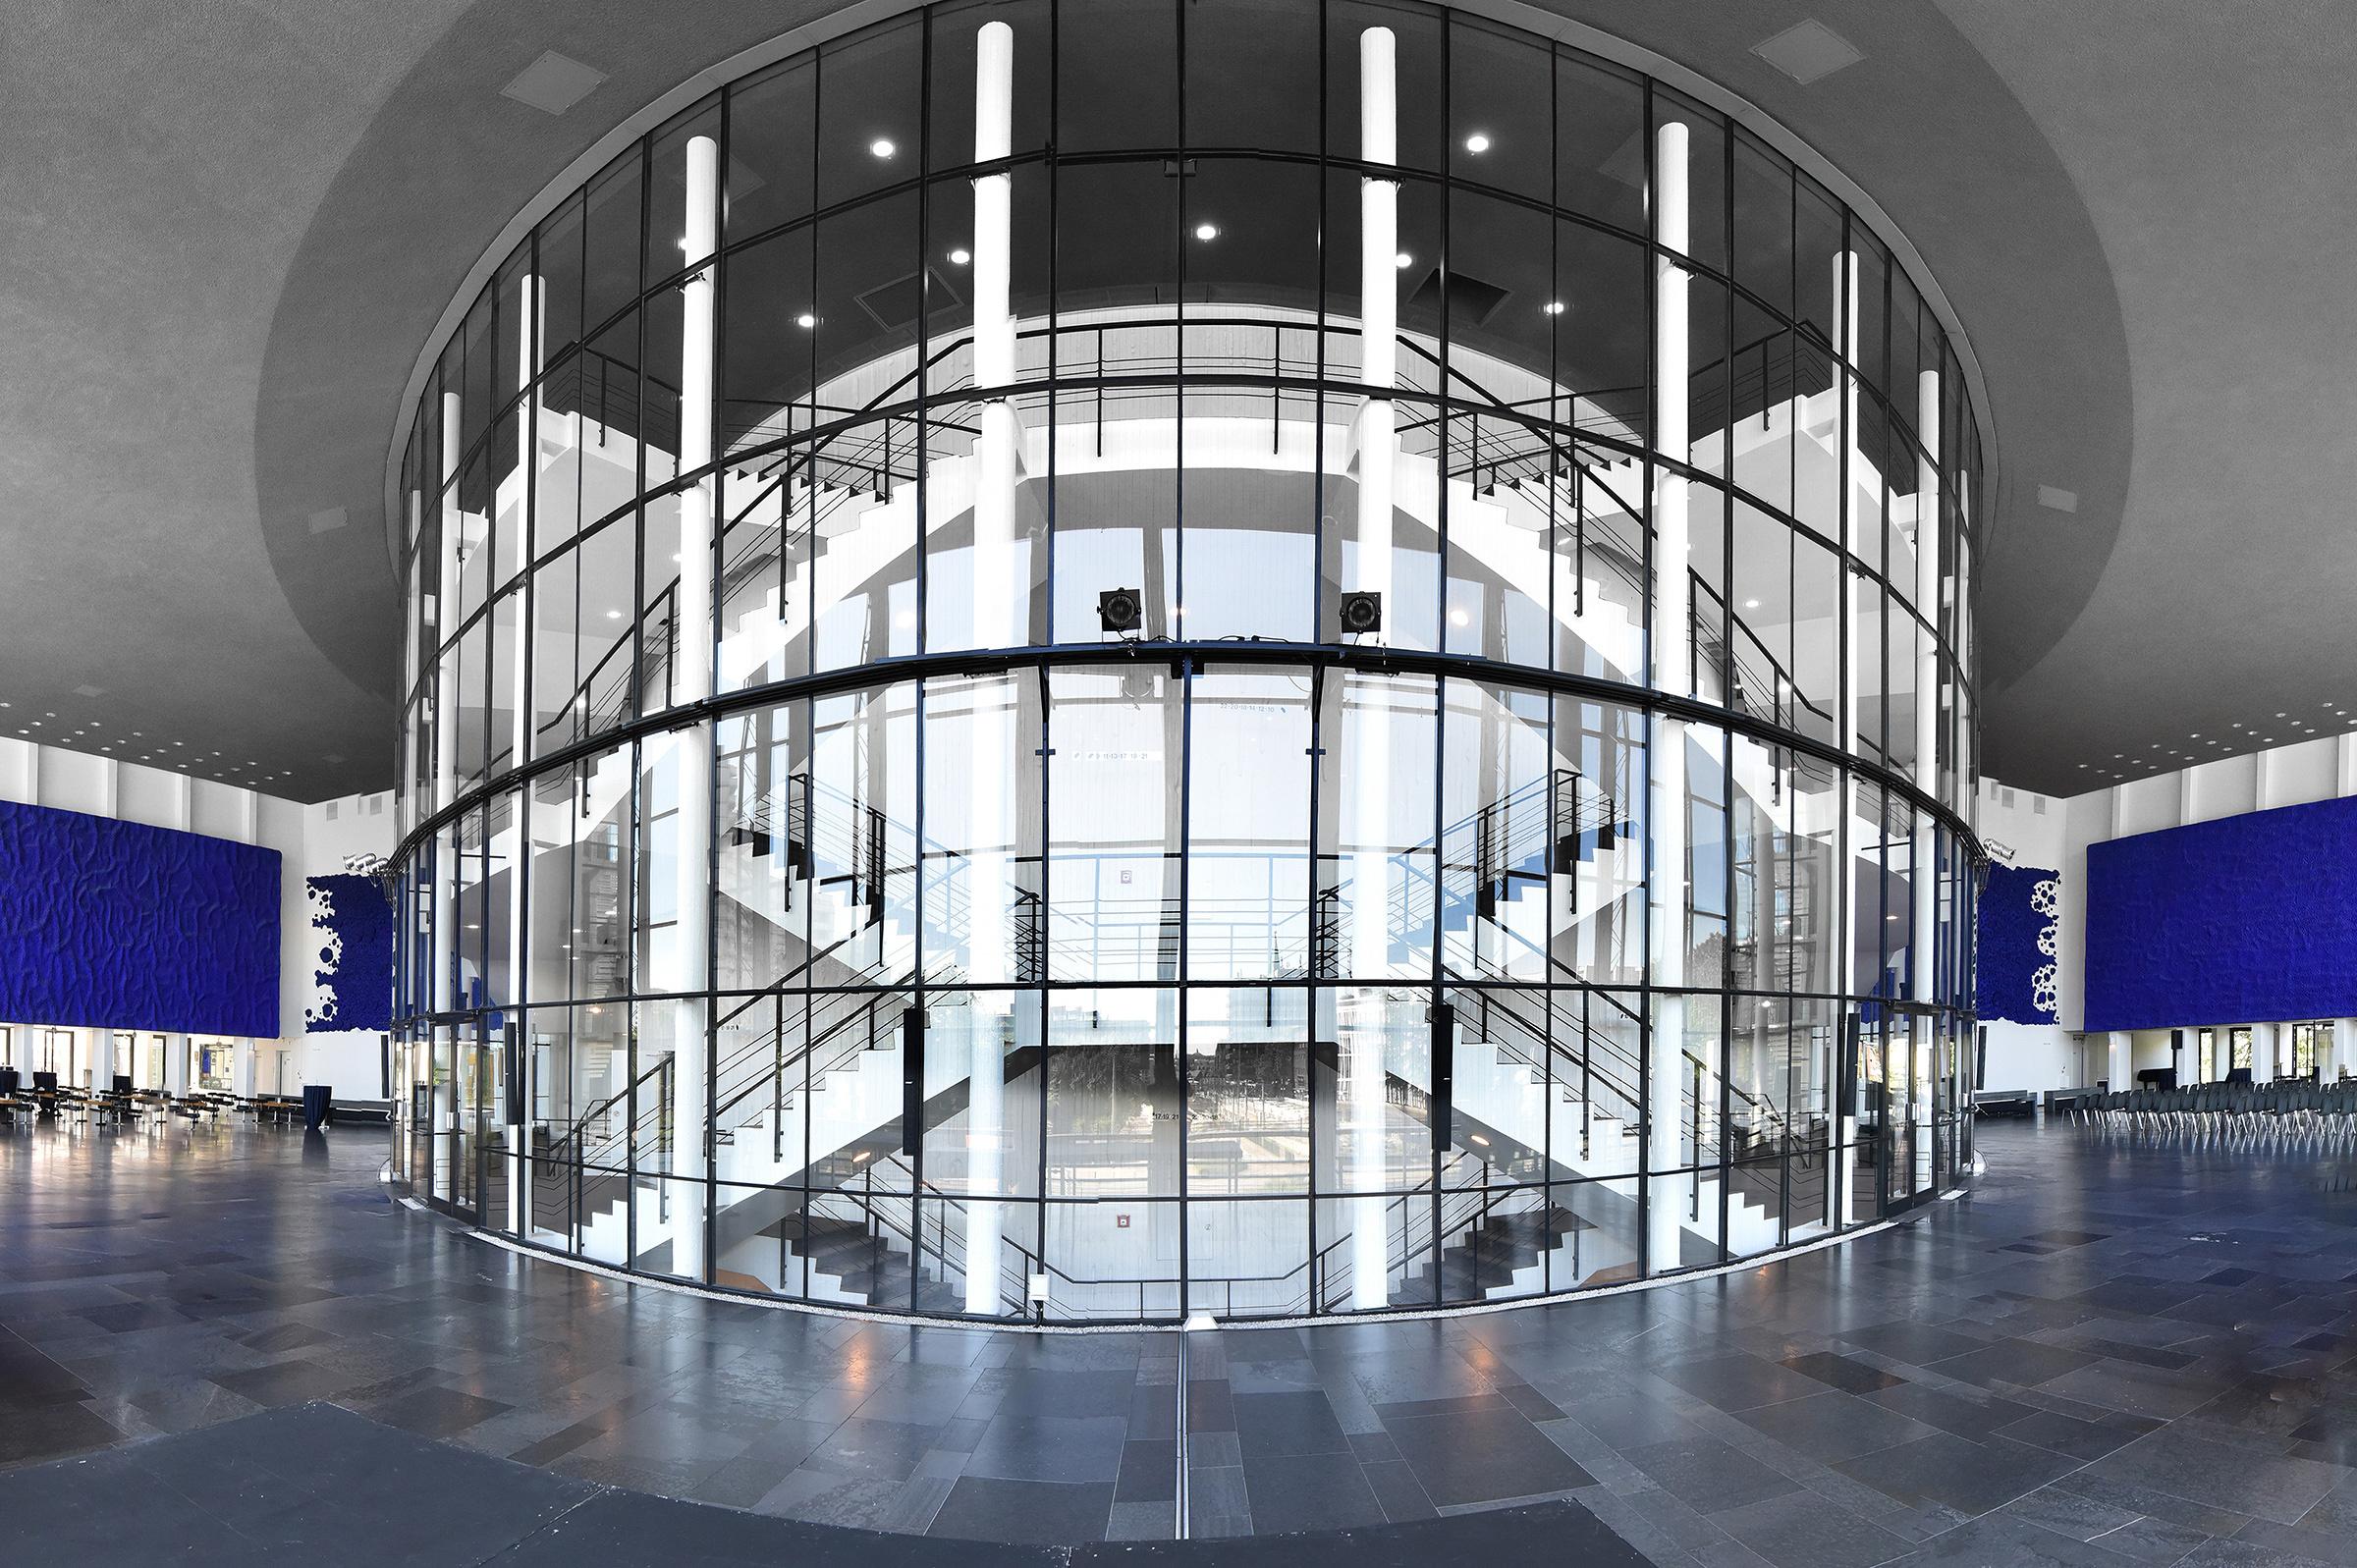 Auch das Musiktheater im Revier Gelsenkirchen gibt es ermäßigten Eintritt © RTG/Frank Vinken